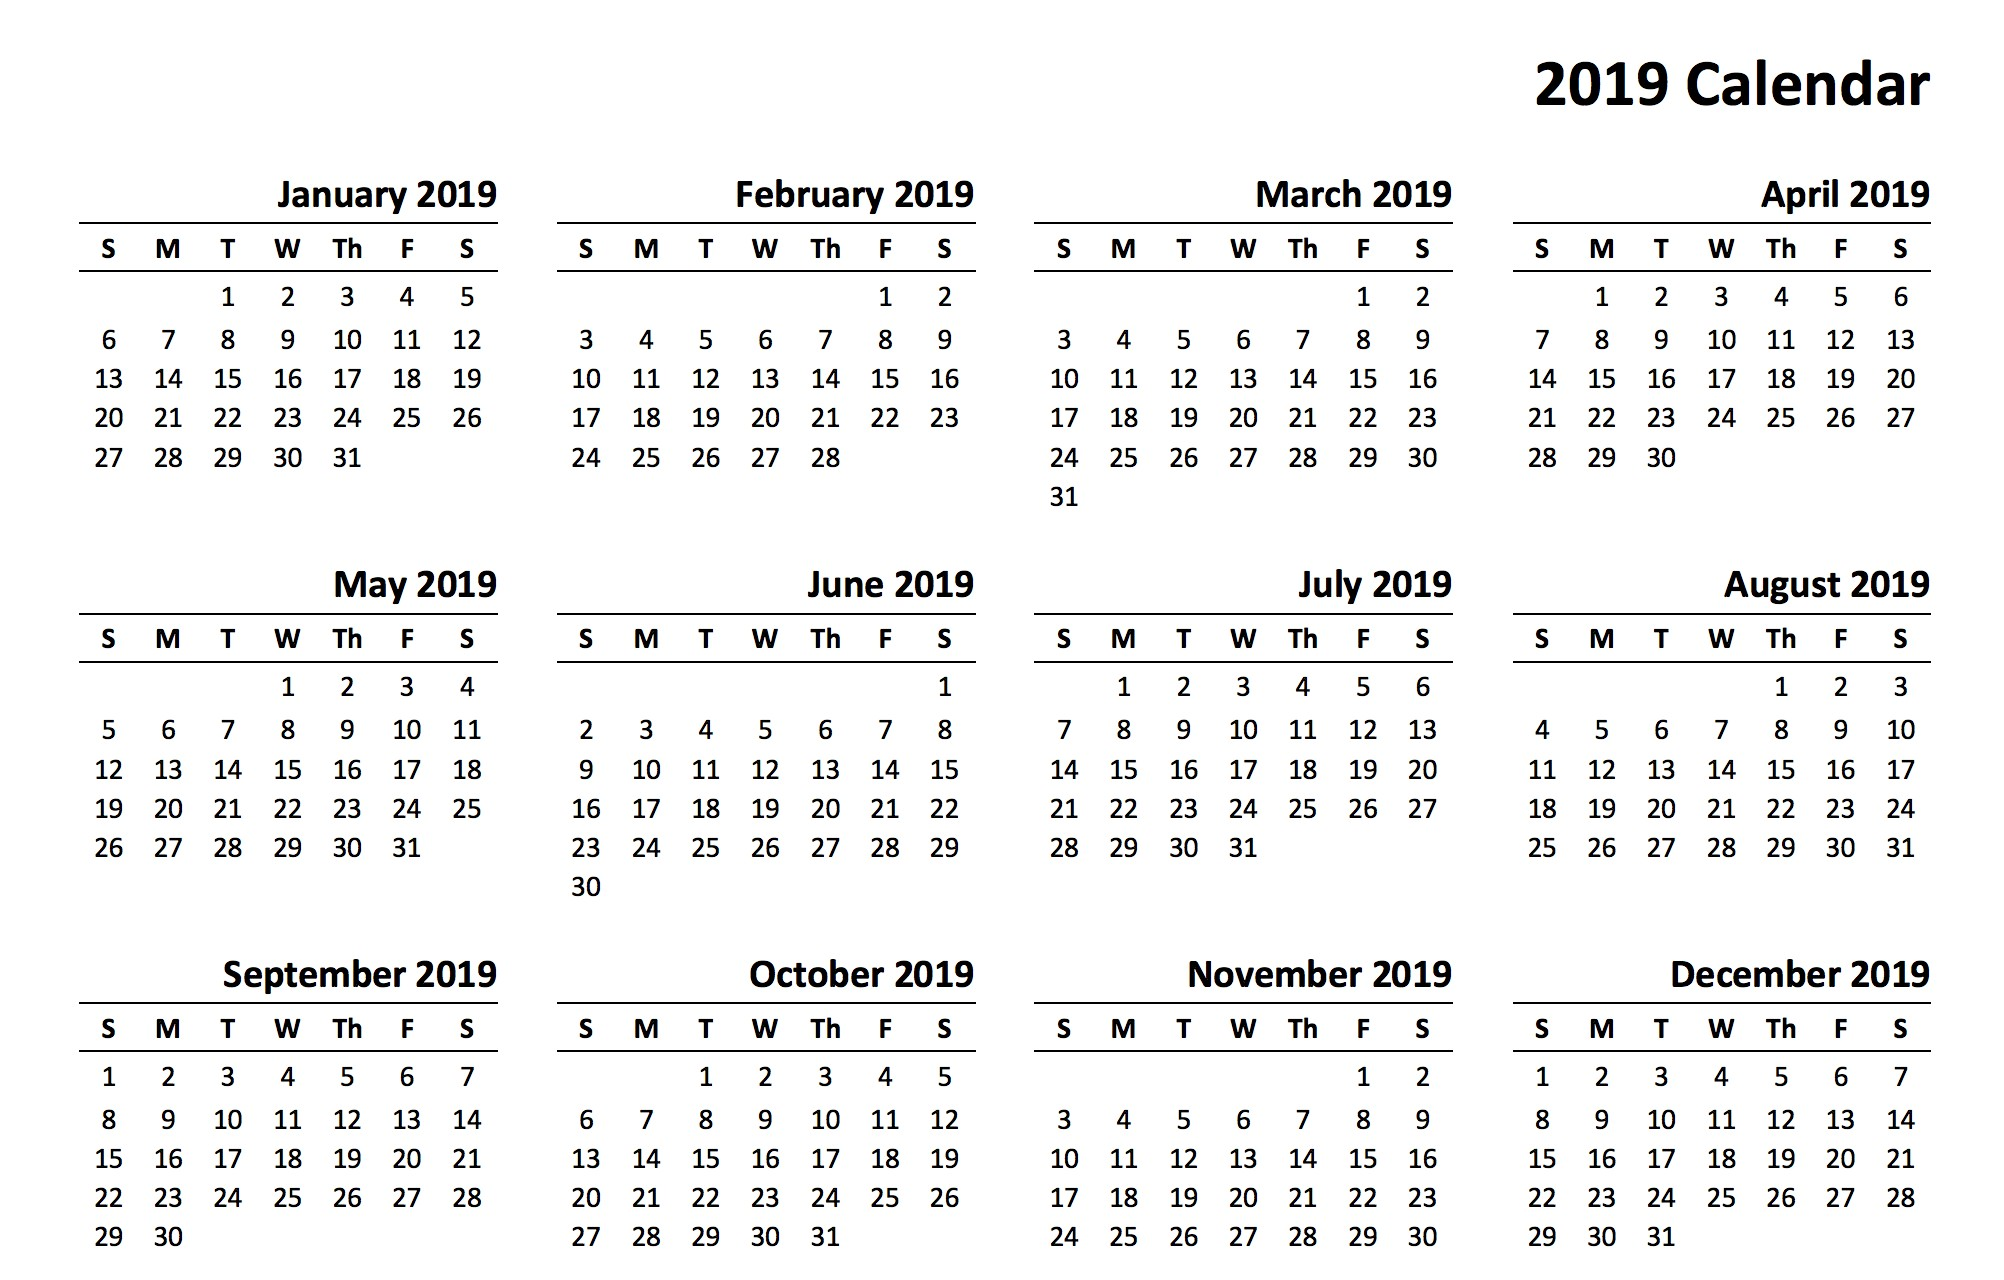 Calendario Para Imprimir 2019 Venezuela Más Recientes 12 Month Calendar 2019 Printable Of Calendario Para Imprimir 2019 Venezuela Mejores Y Más Novedosos torneo Apertura 2018 Colombia La Enciclopedia Libre